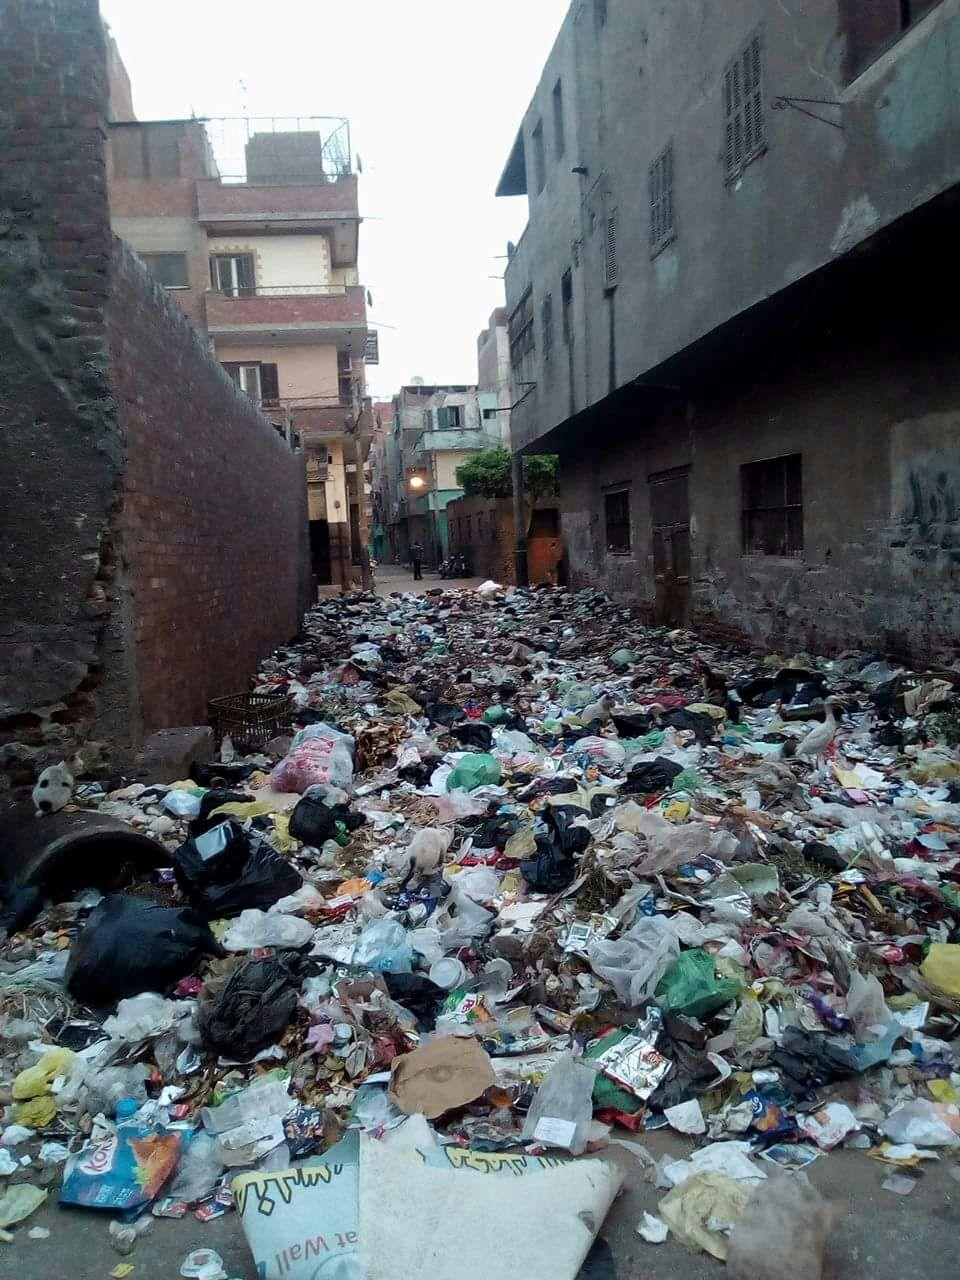 القمامة بجوار الوحدة الصحية بمنطقة الورش (1)